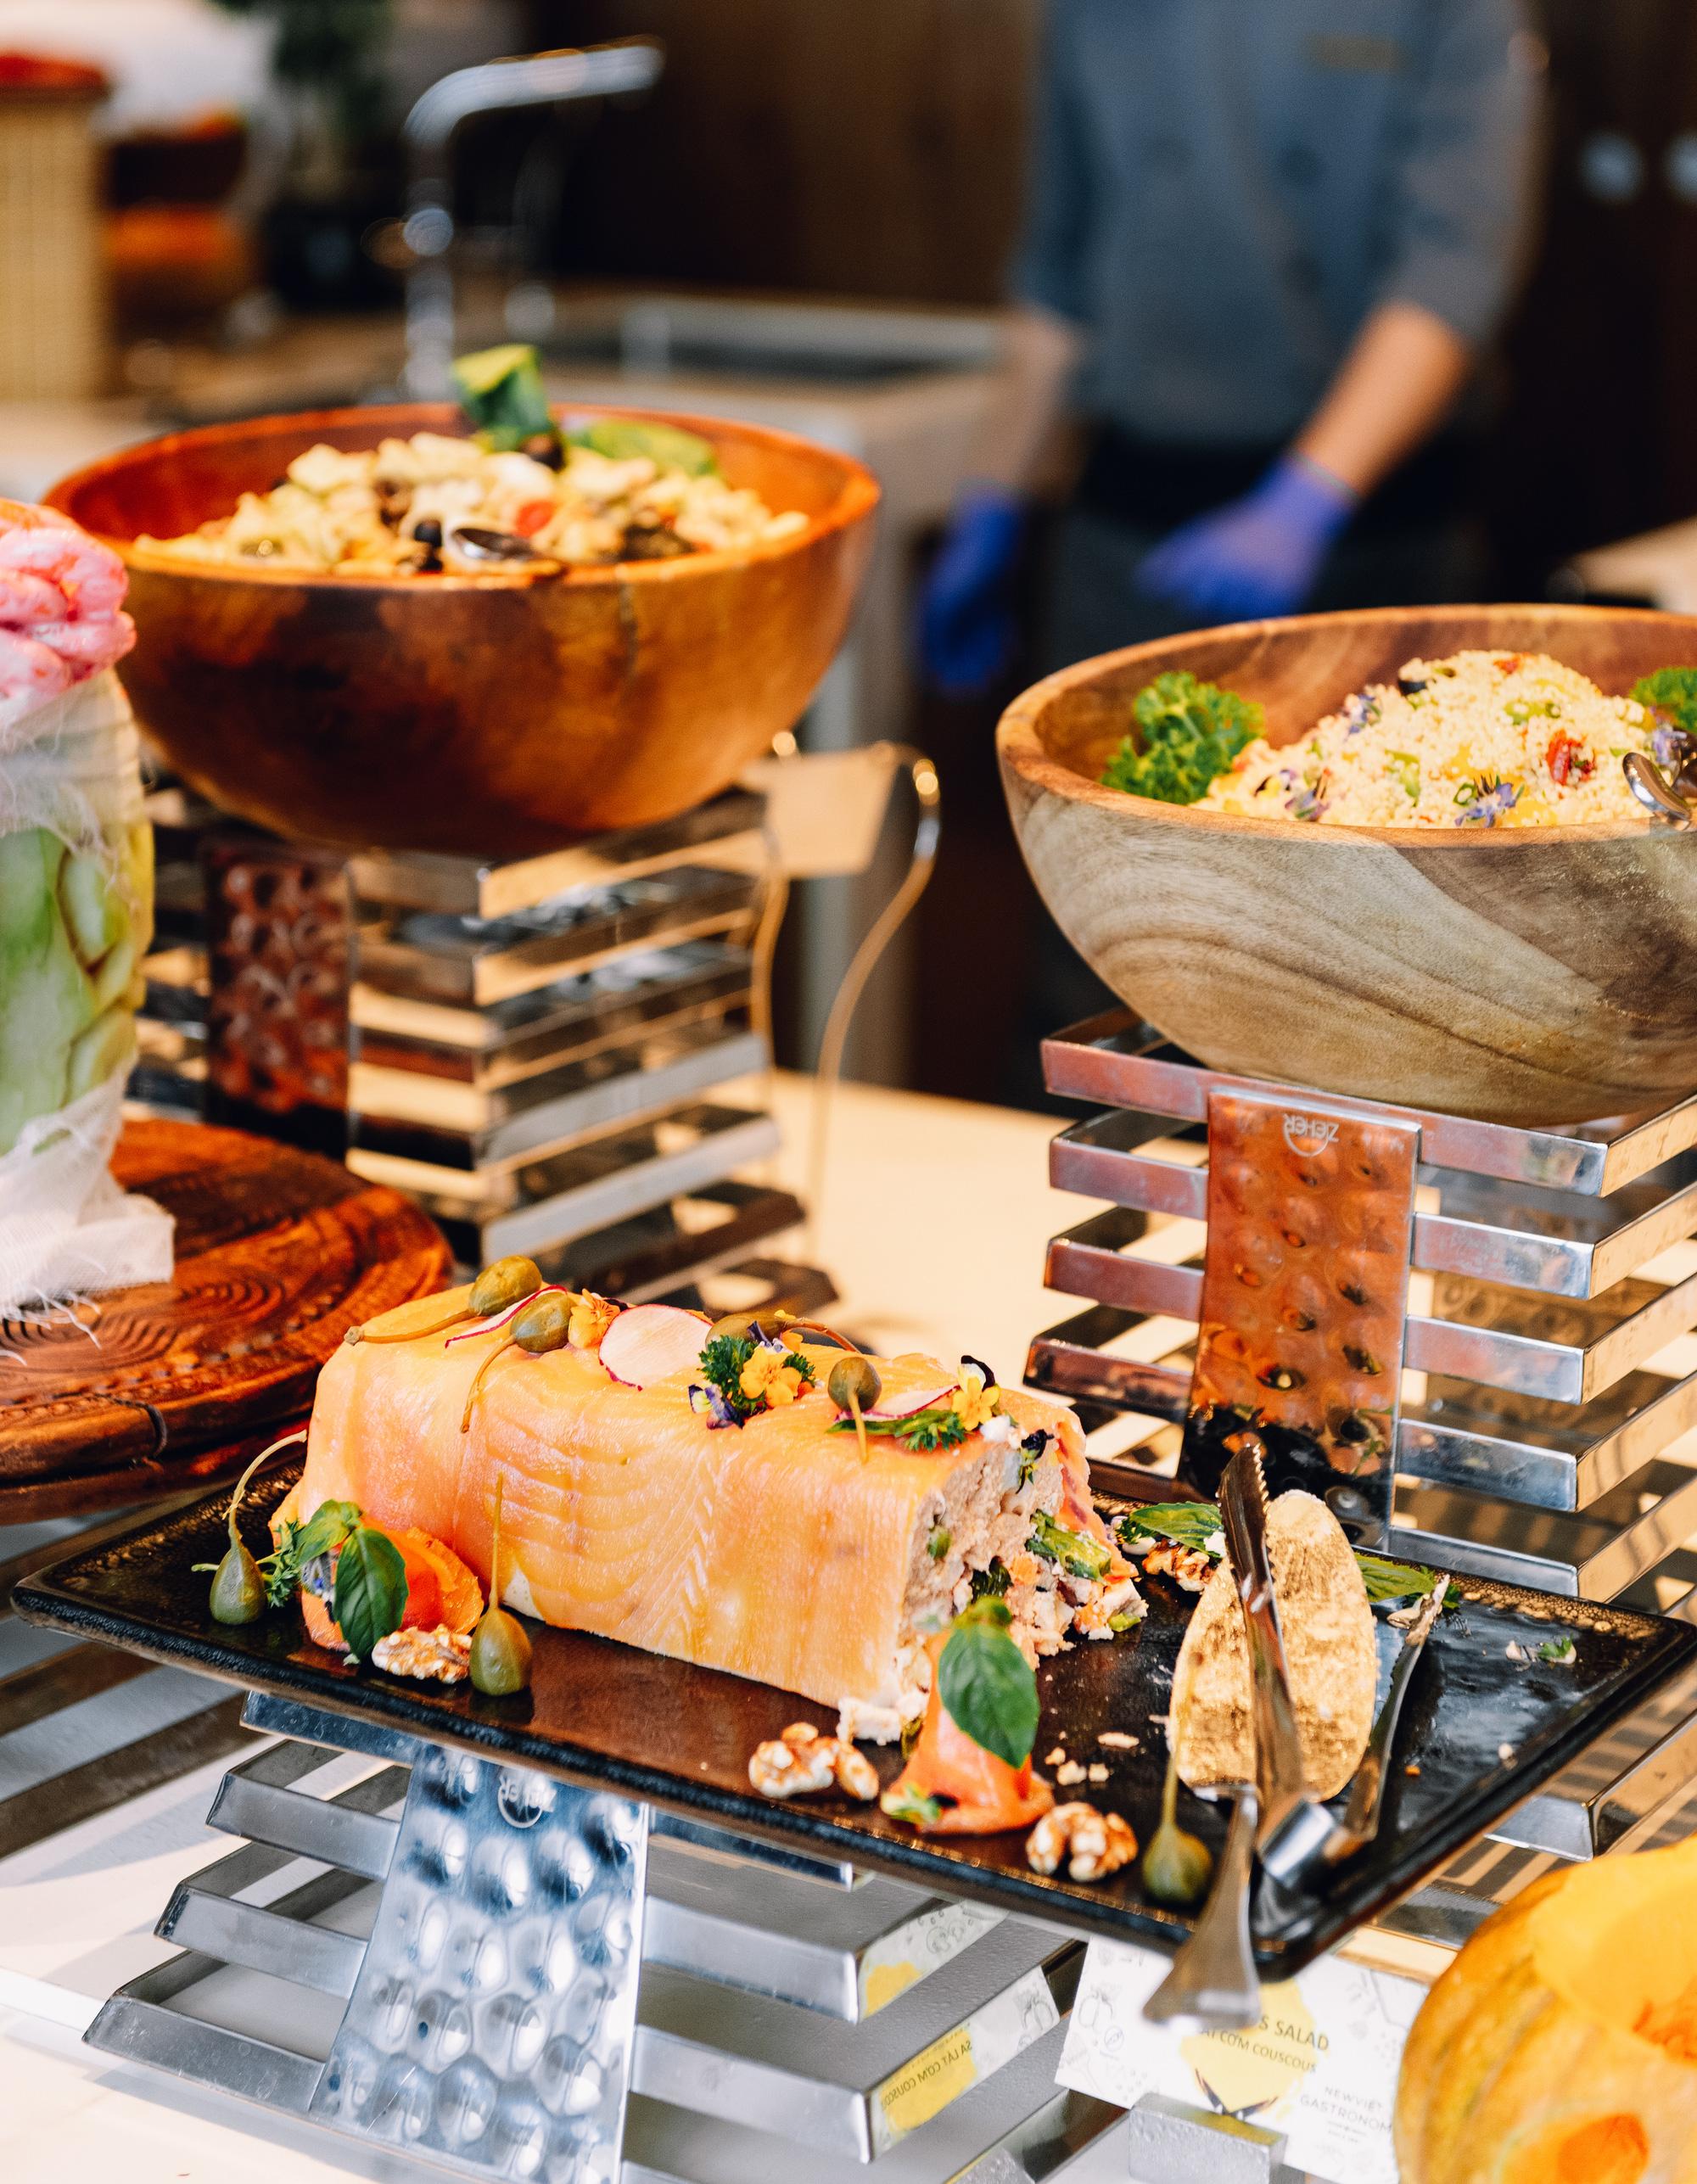 """""""Bữa tiệc trên mây"""" mùa lễ hội: Nâng tầm trải nghiệm ẩm thực với mọi giác quan tại InterContinental Hanoi Landmark72 - Ảnh 18."""